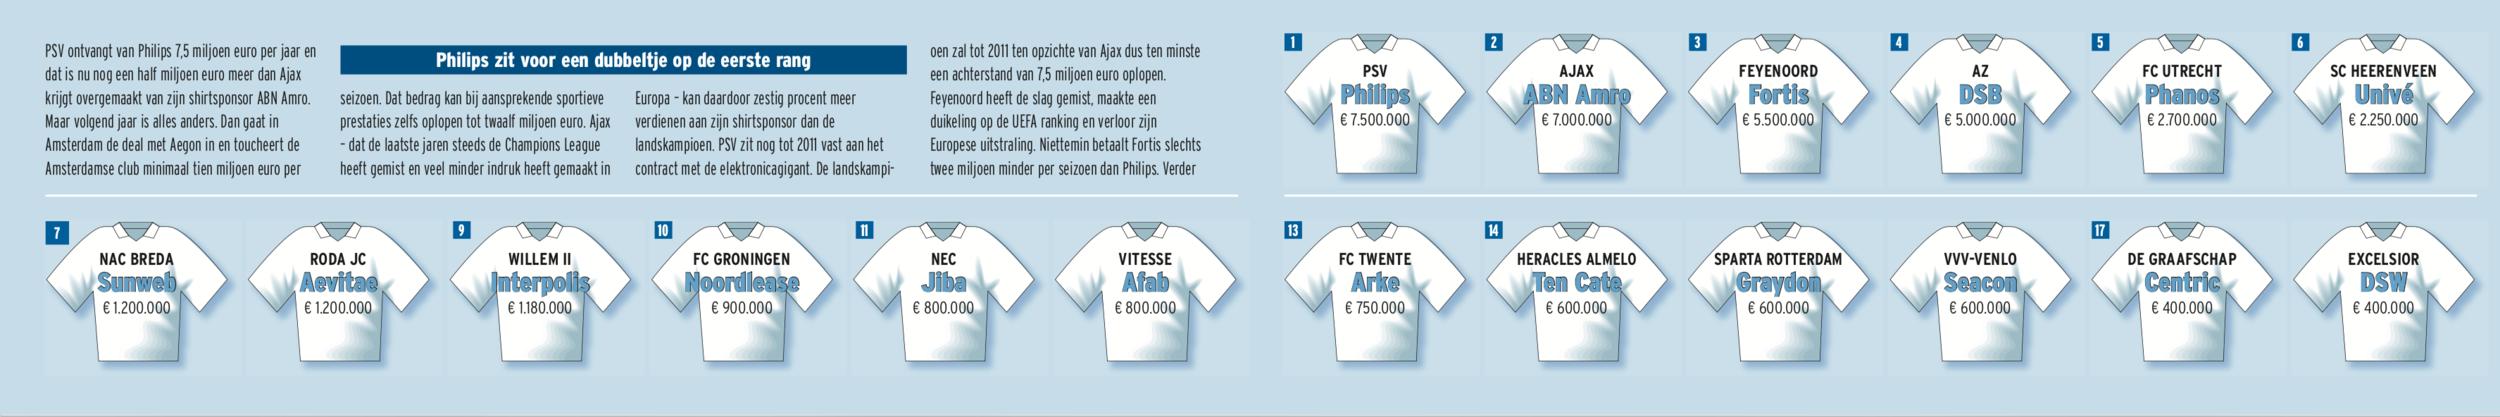 Graphic shirtsponsoring